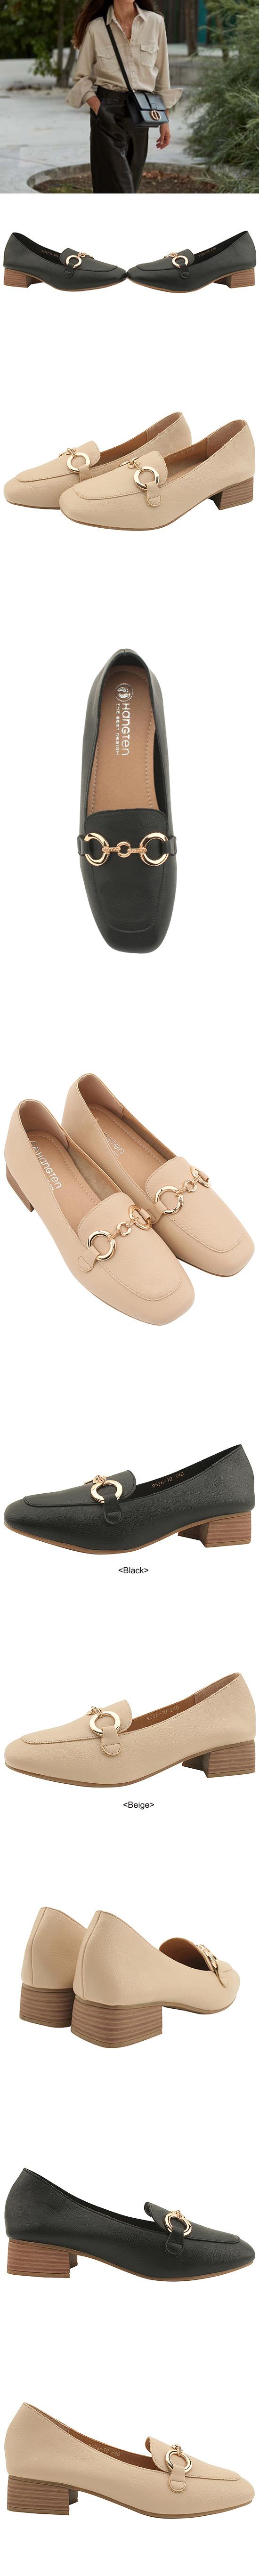 Gold chain loafers full heel low heel beige